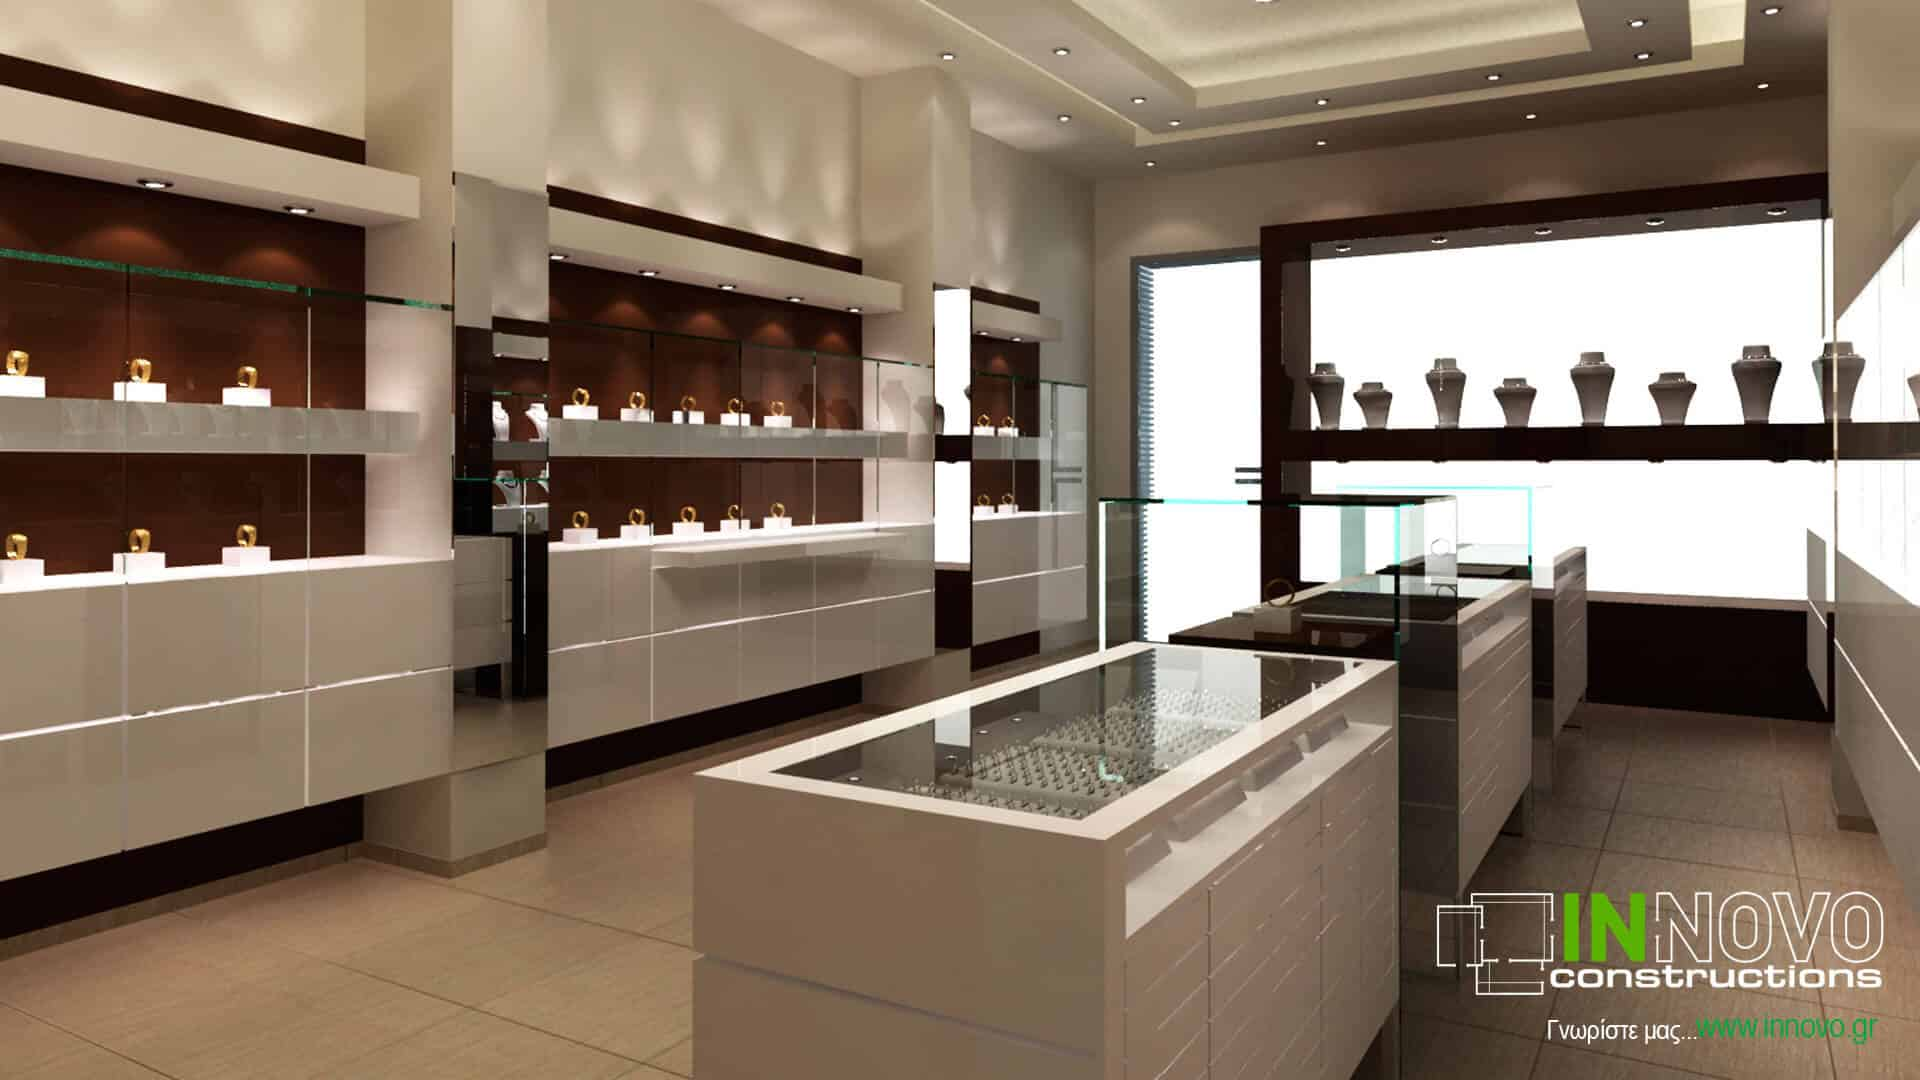 diakosmisi-kosmimatopoleiou-jewelry-design-kosmimatopoleio-lefkada-1187-3